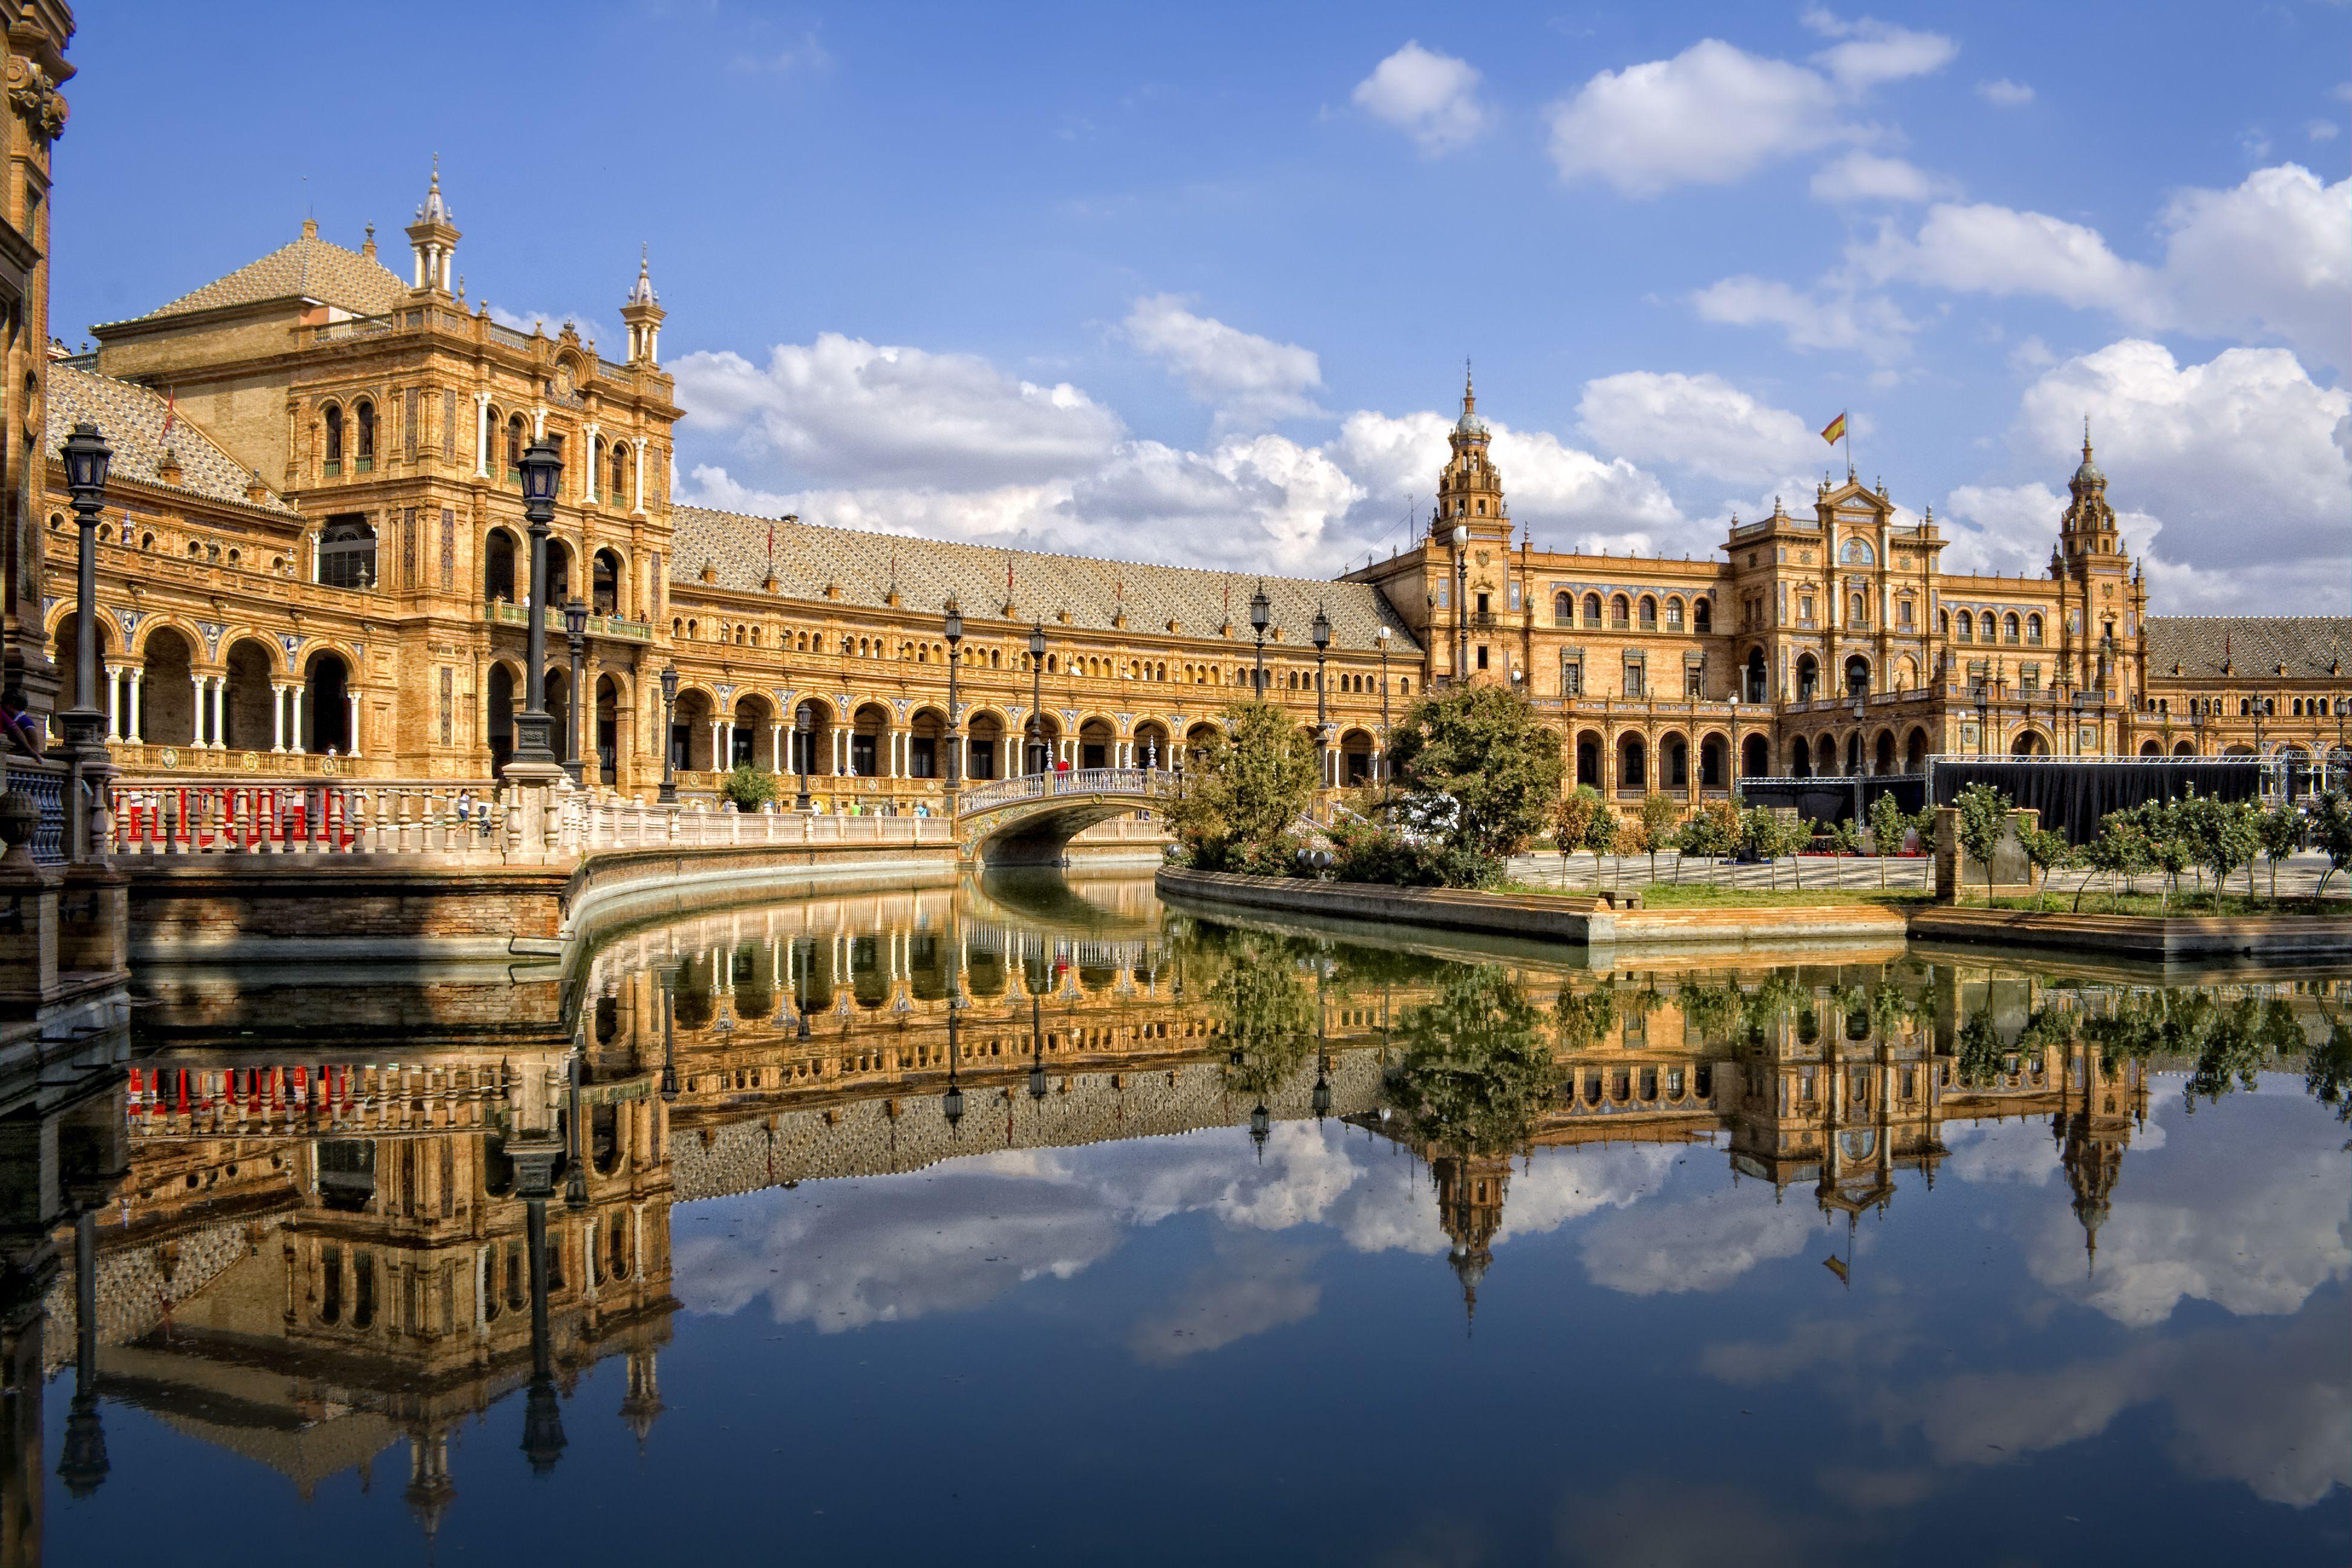 Plaza de España, magical reflection